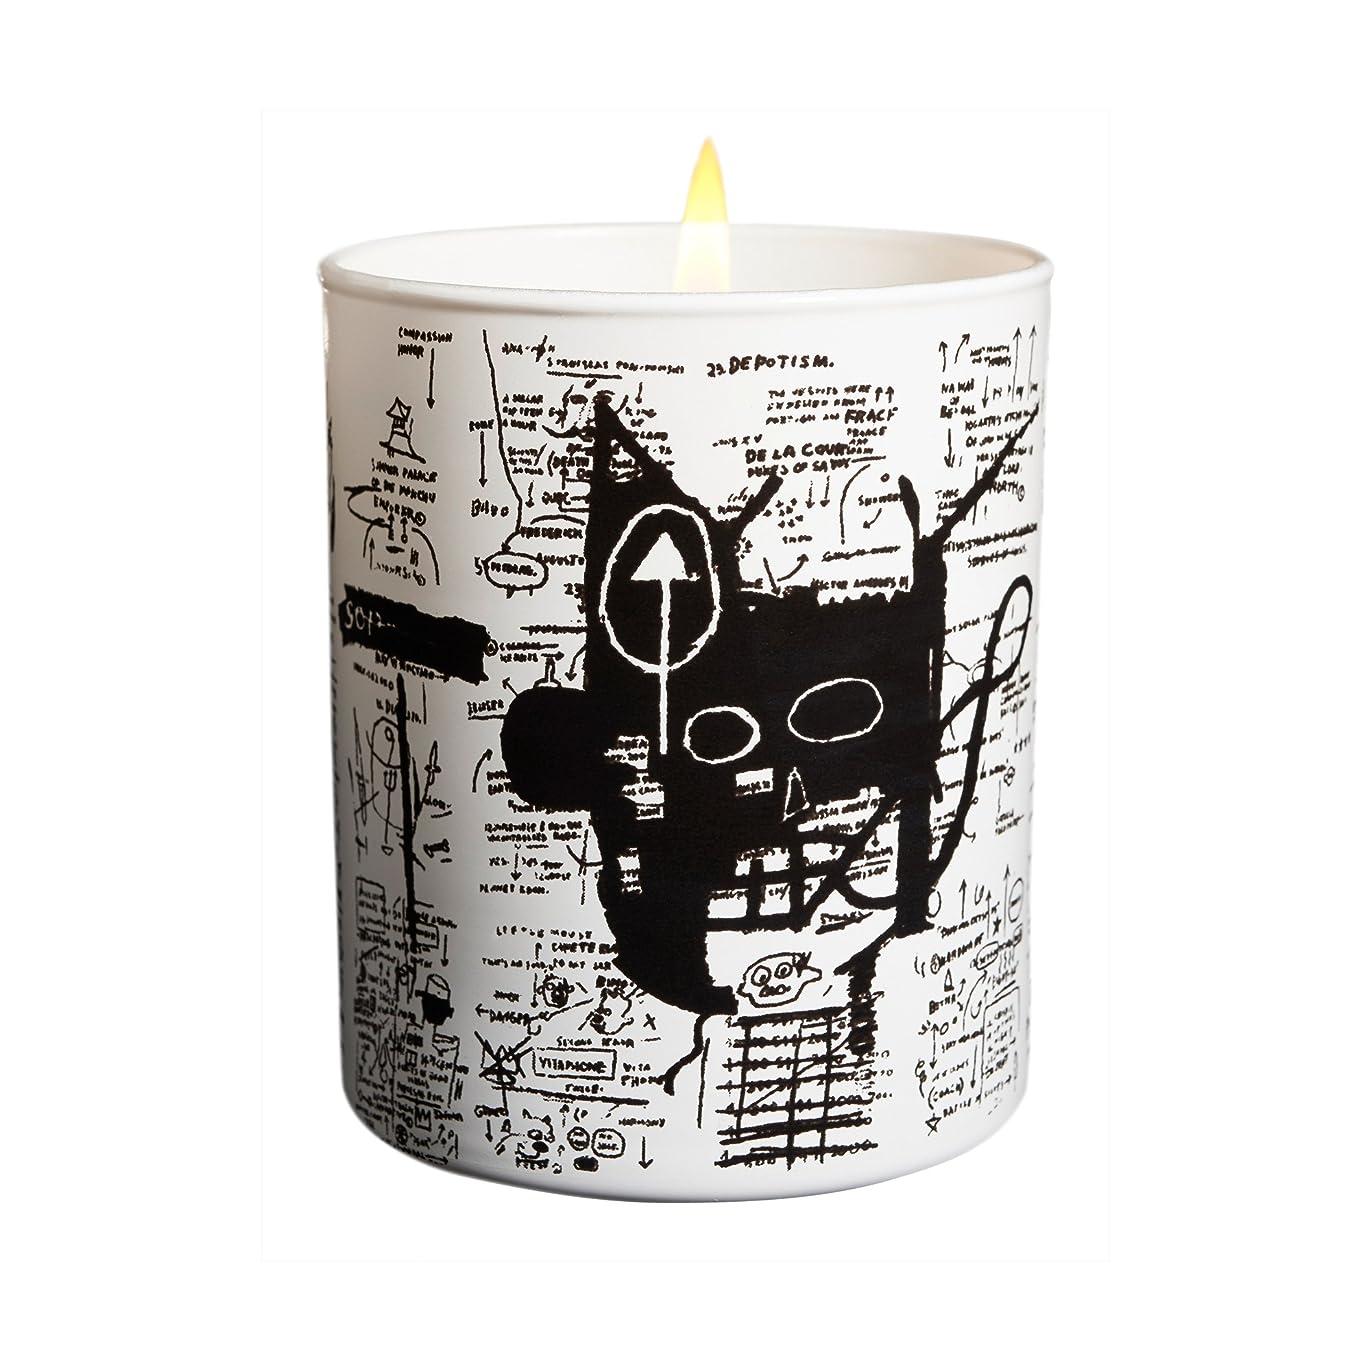 卵リンス提案ジャン ミシェル バスキア リターン オブ ザ セントラル フィギュア キャンドル(Jean-Michael Basquiat Perfumed Candle